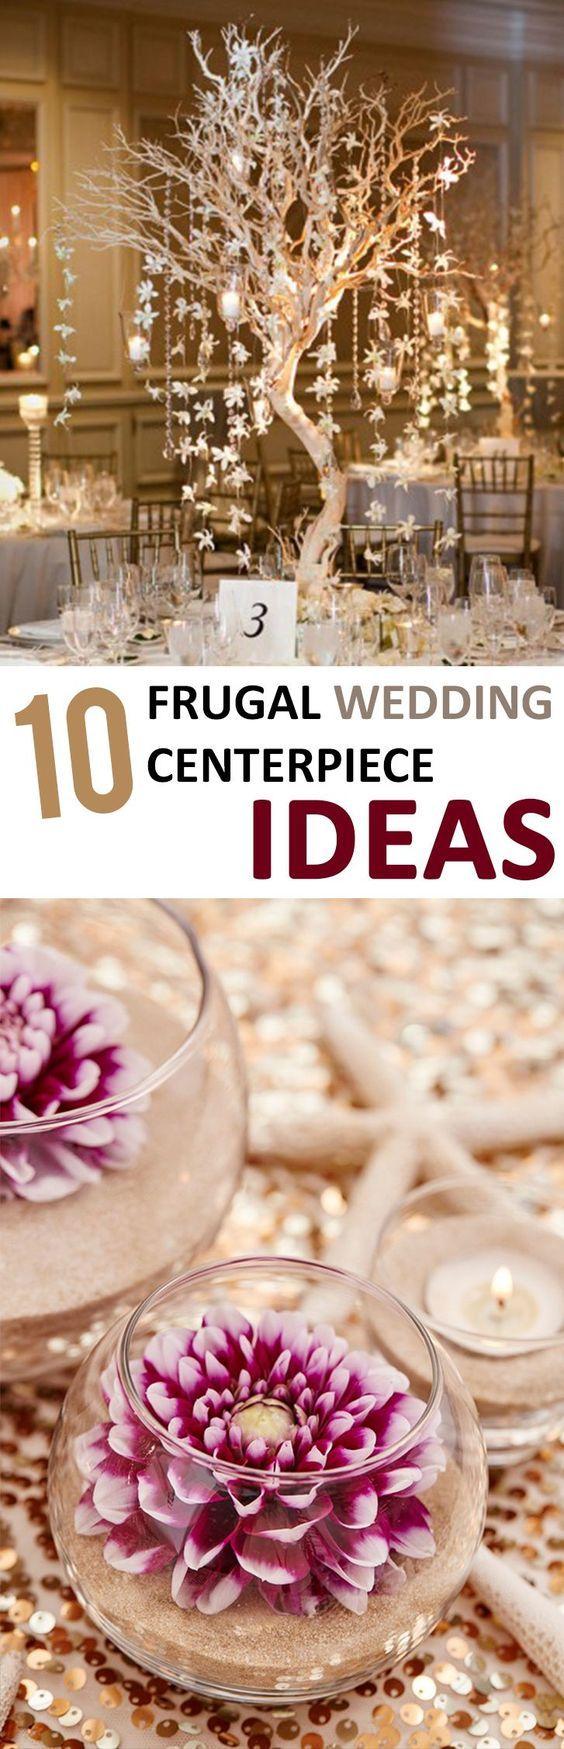 frugal wedding centerpiece ideas wedding centerpieces diy